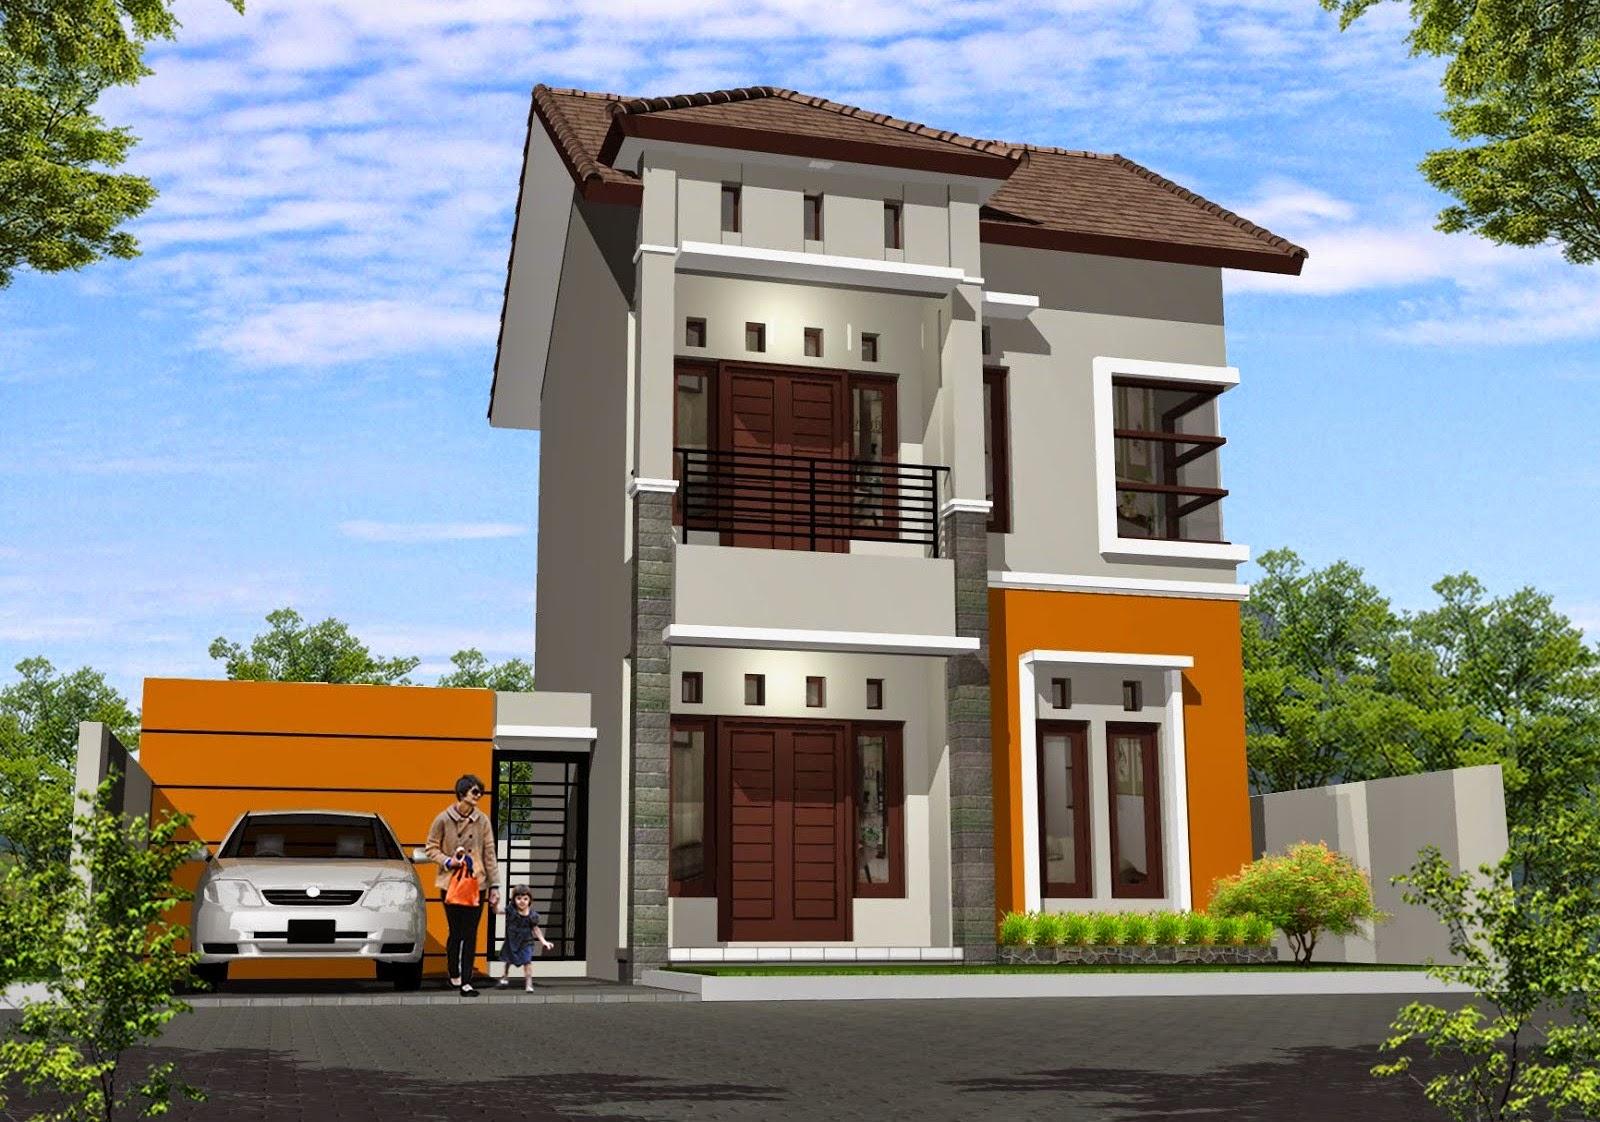 Desain Rumah Minimalis 2 Lantai Type 36 Desain Rumah Minimalis